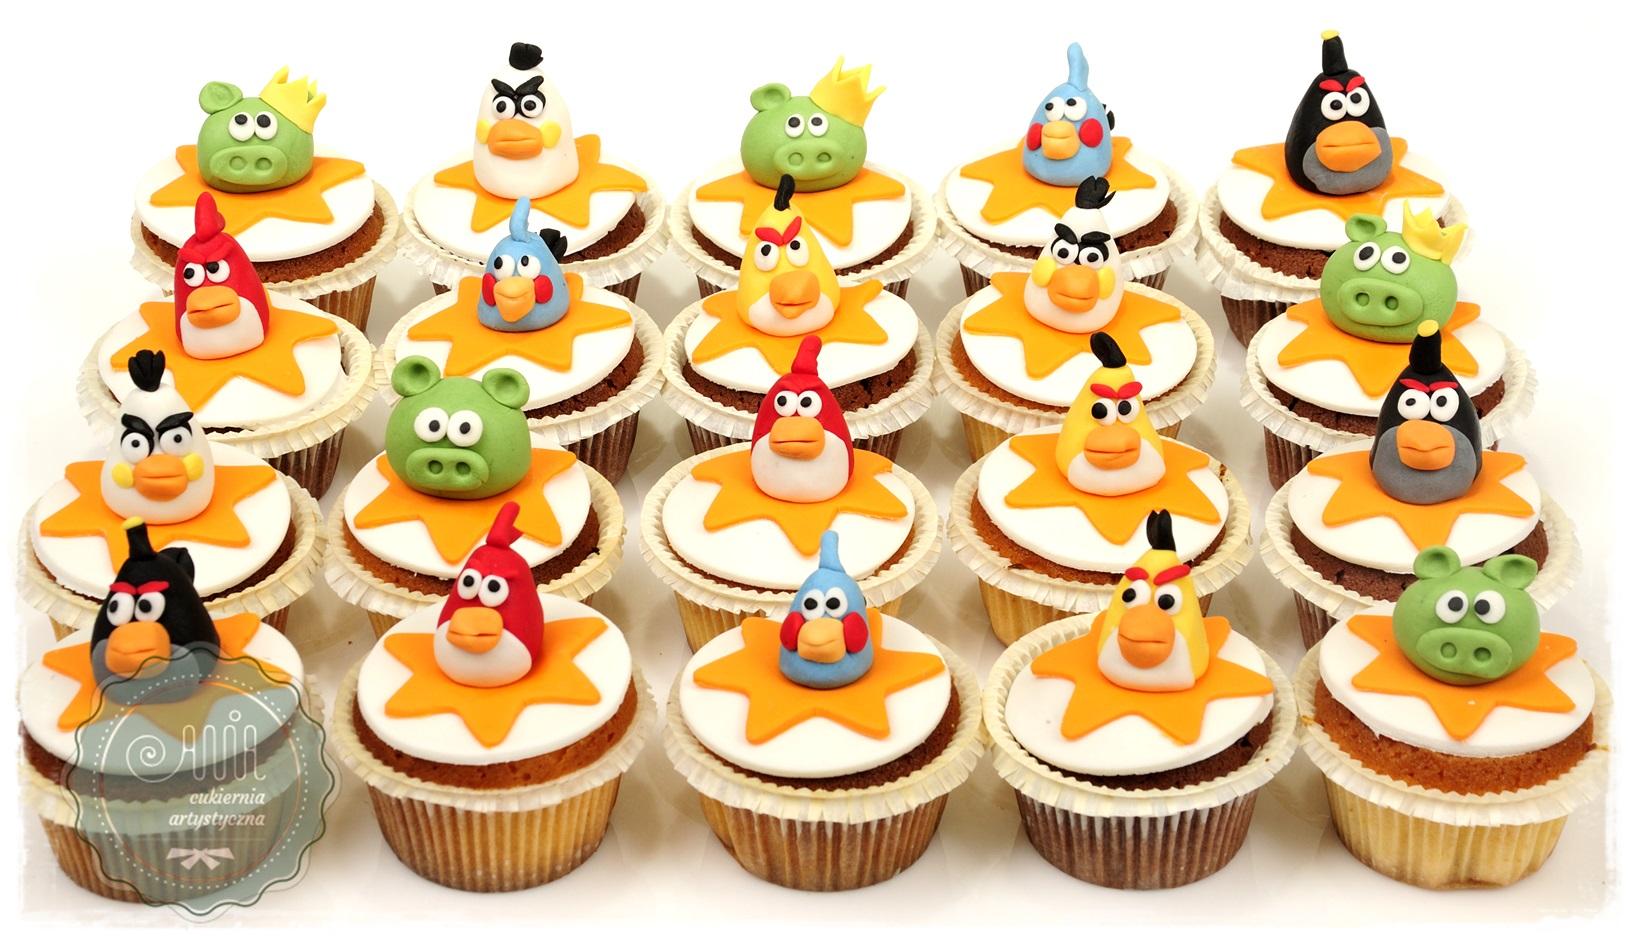 Muffiny Angry Birds - zdjęcie 1